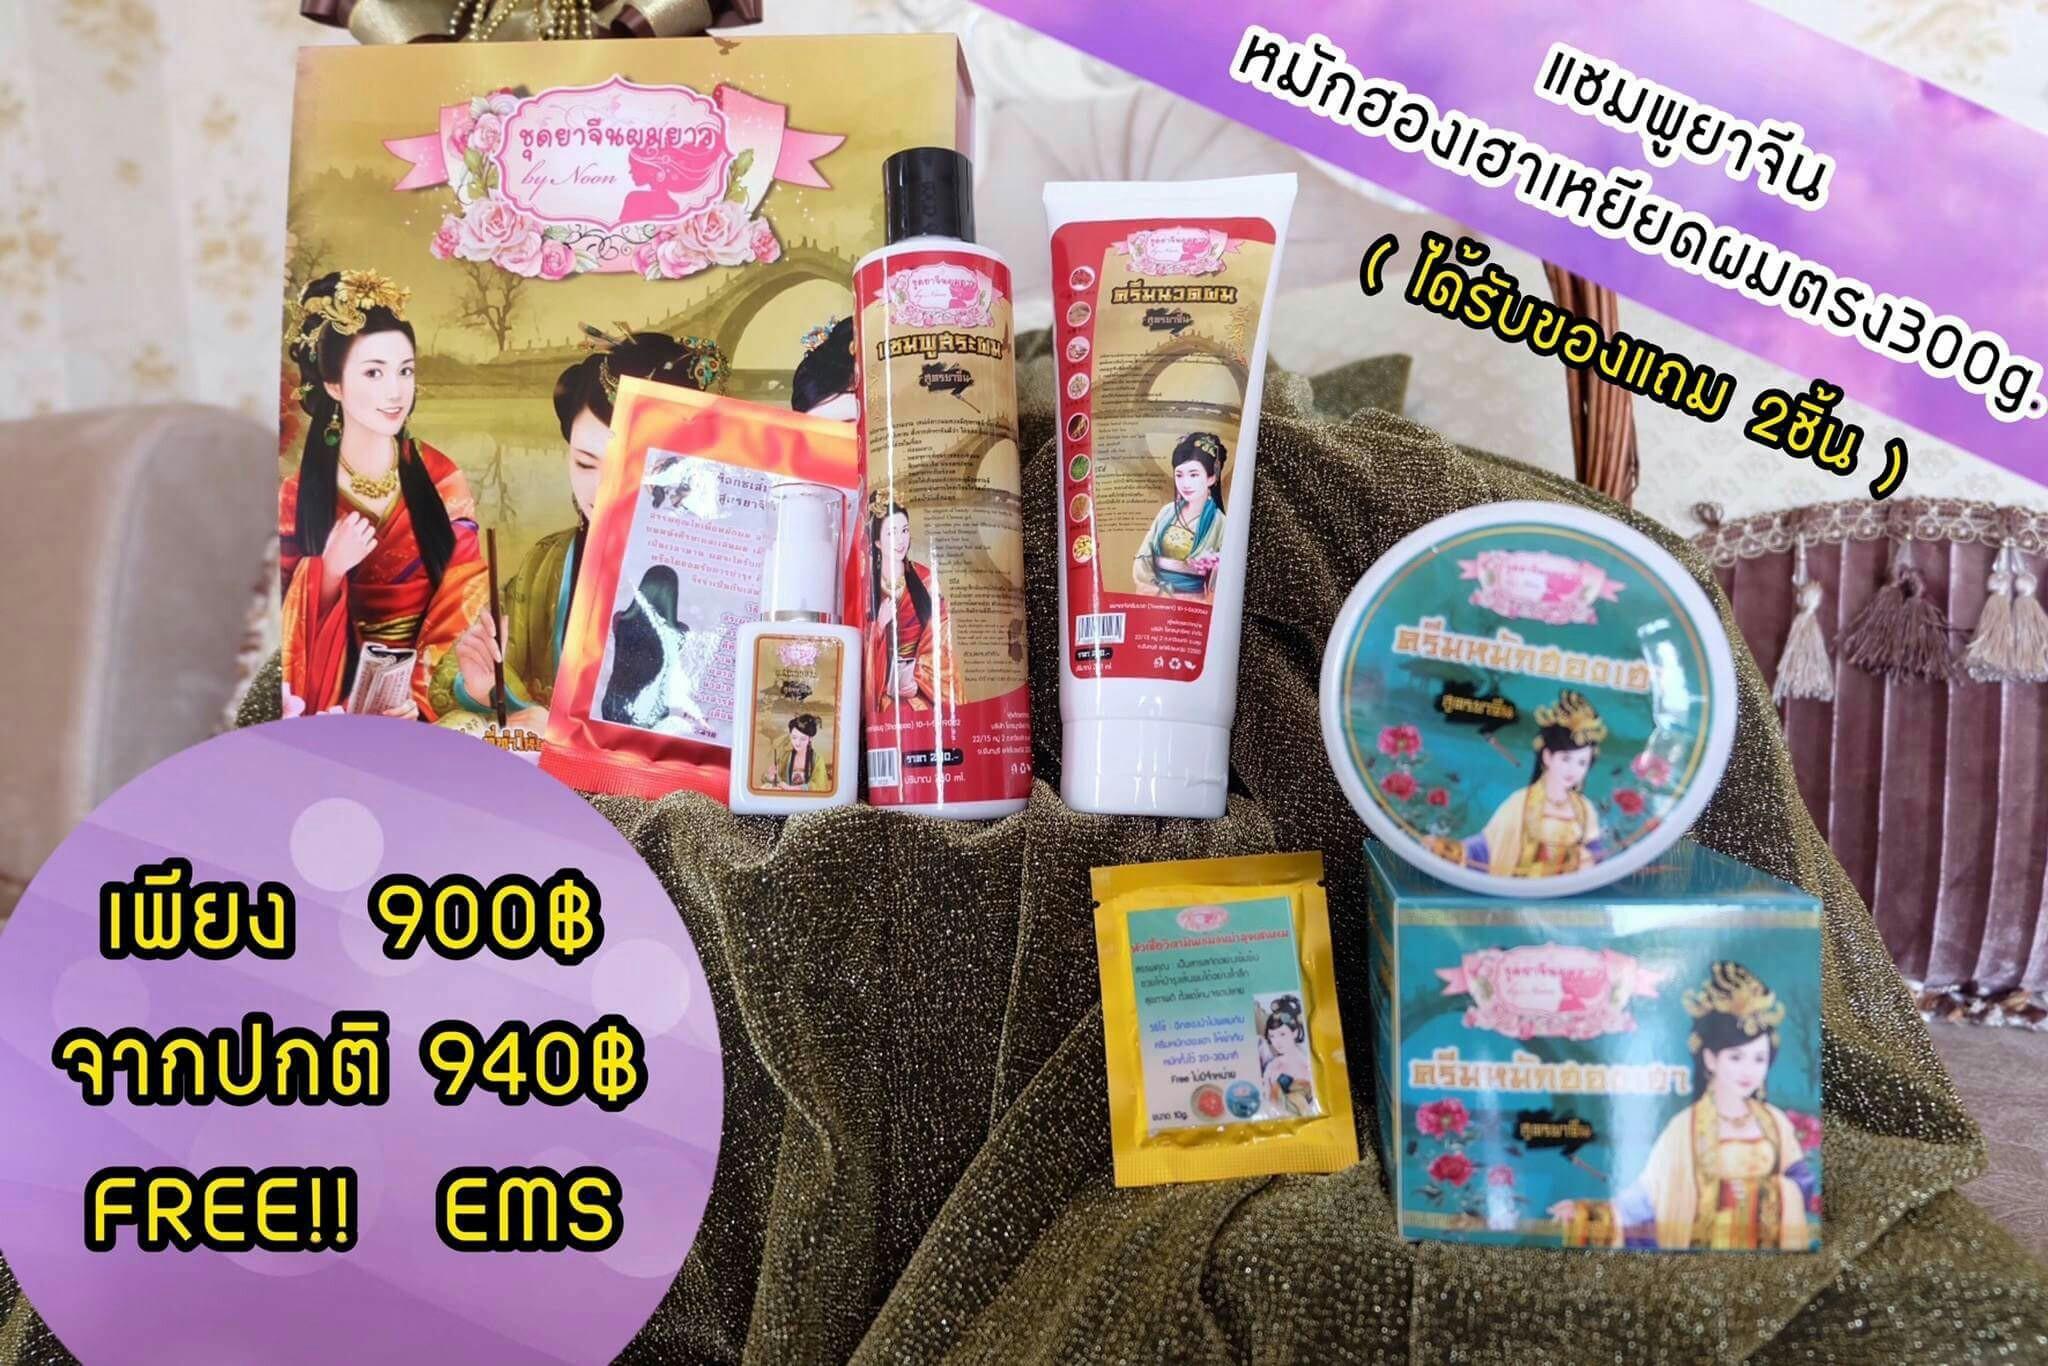 Promotion ชุดแชมพูยาจีน+ครีมหมักผมฮองเฮา ขนาด 300 กรัม